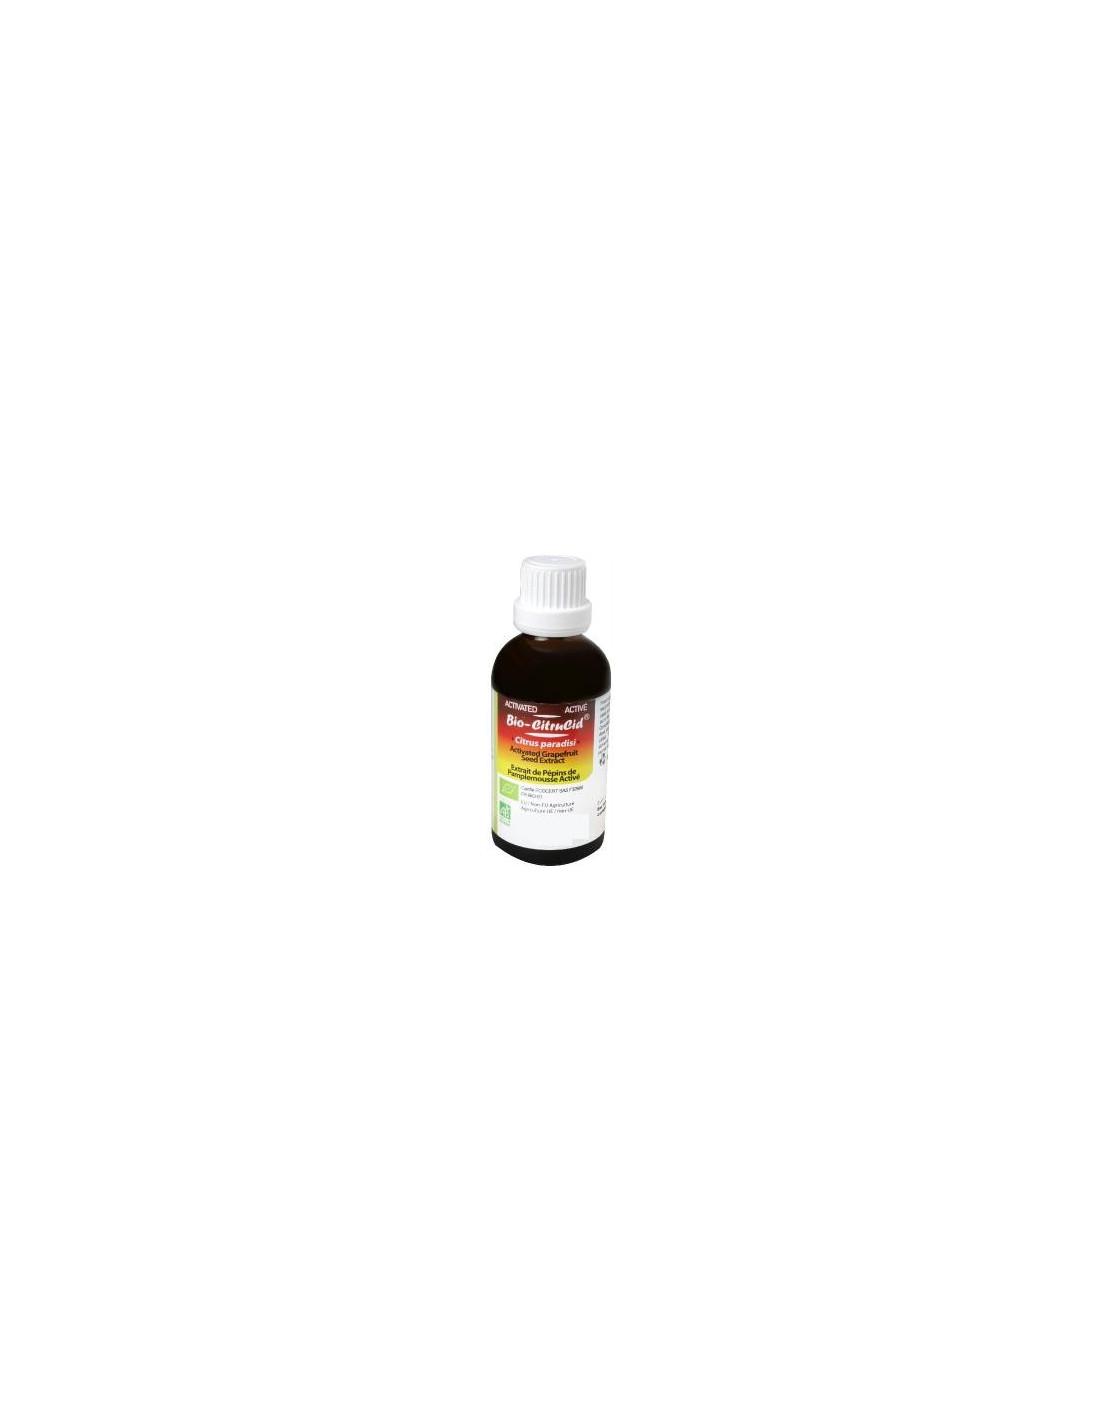 bio citrucid antibiotique naturel l 39 extrait de p pin de pamplemousse. Black Bedroom Furniture Sets. Home Design Ideas